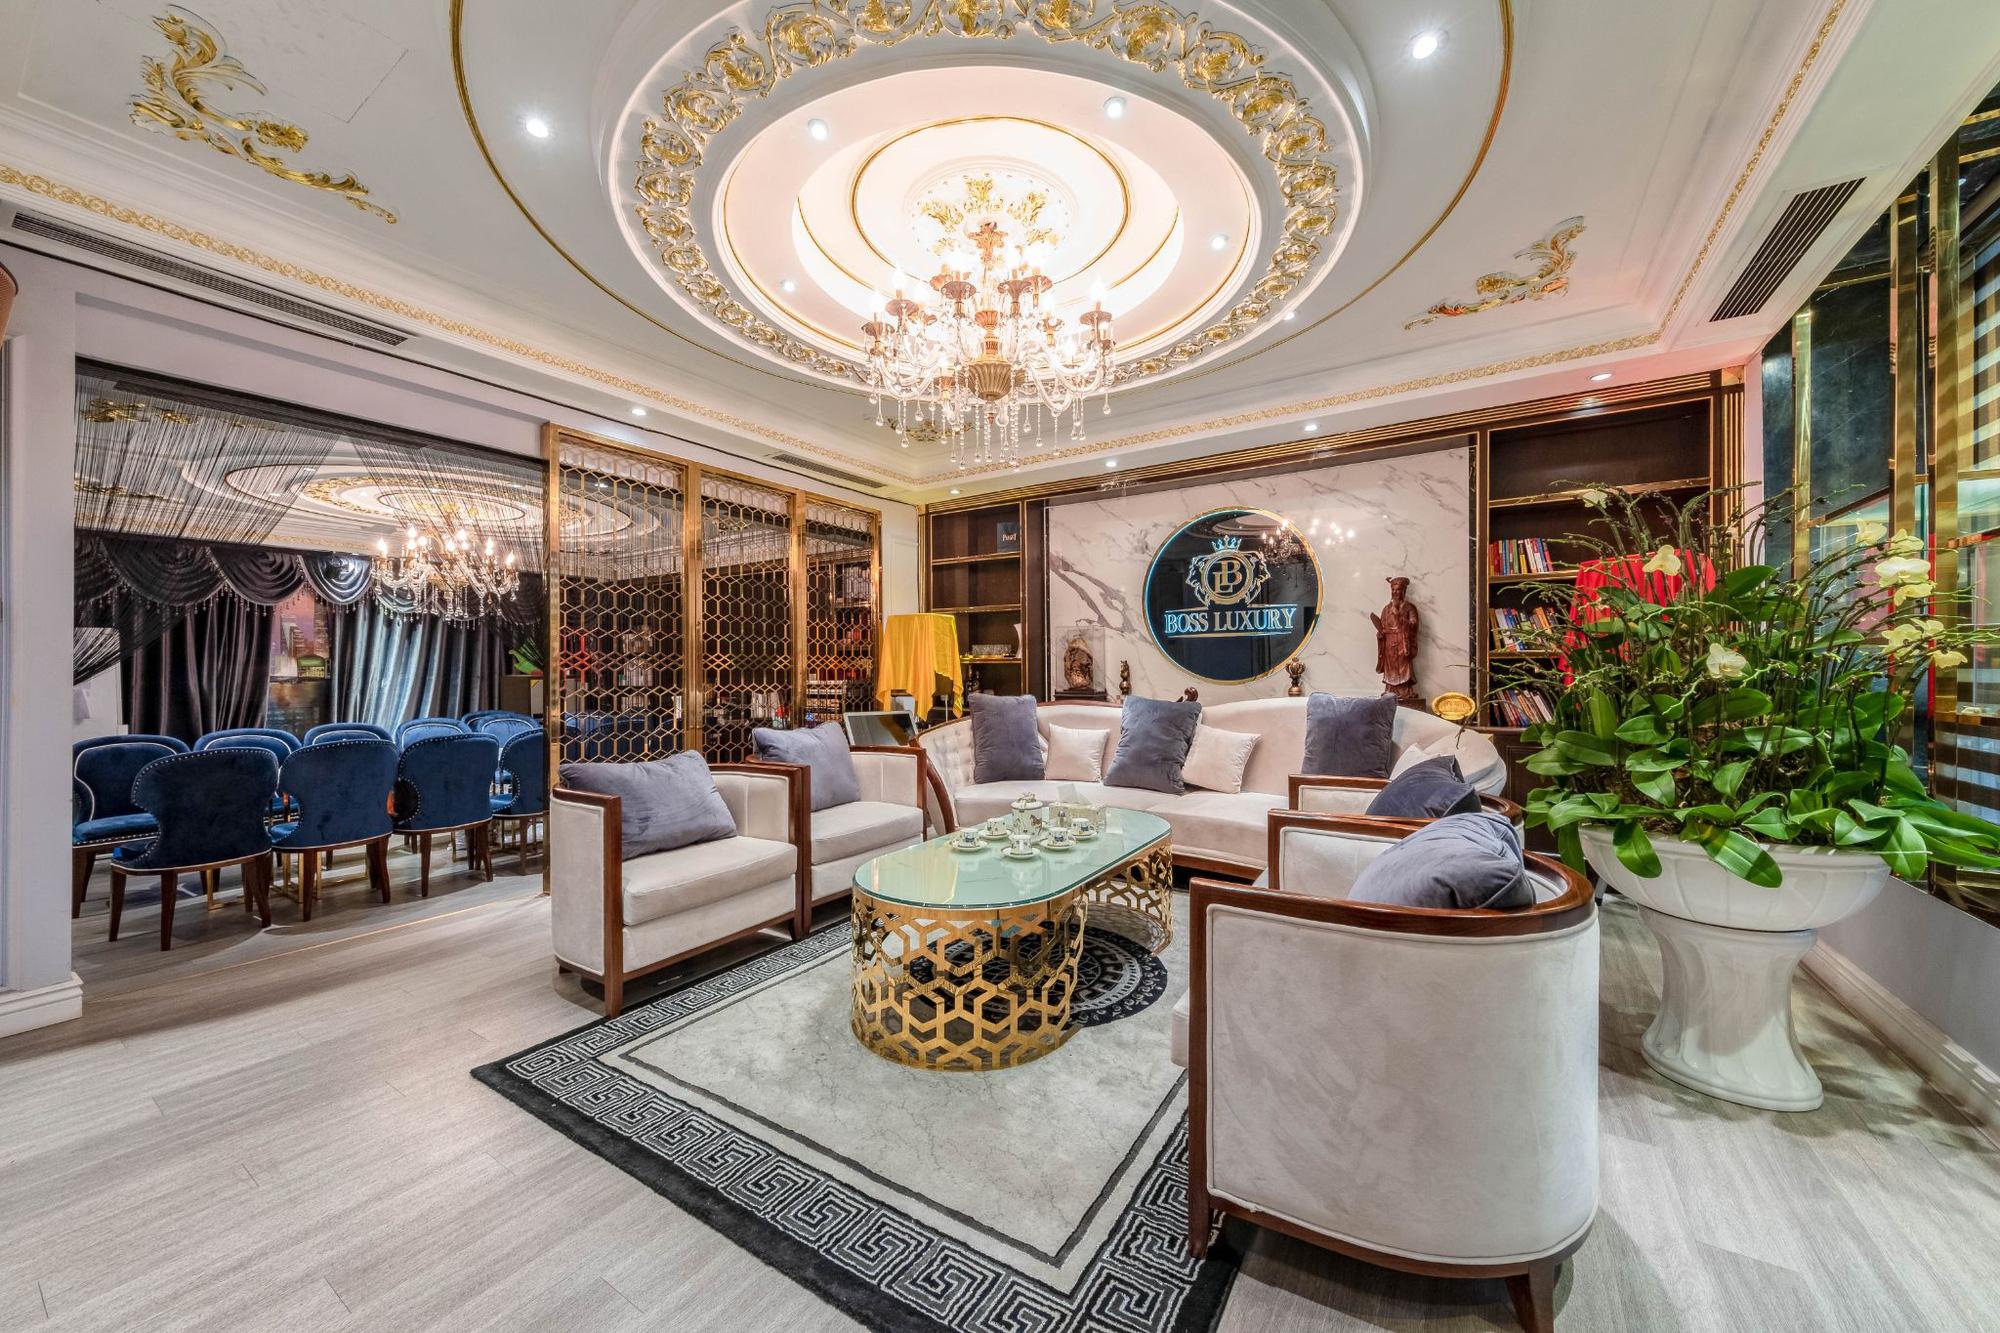 """Boss Luxury """"bật mí"""" bí quyết nâng tầm phong cách với đồng hồ Rolex kim cương lấp lánh - Ảnh 5."""